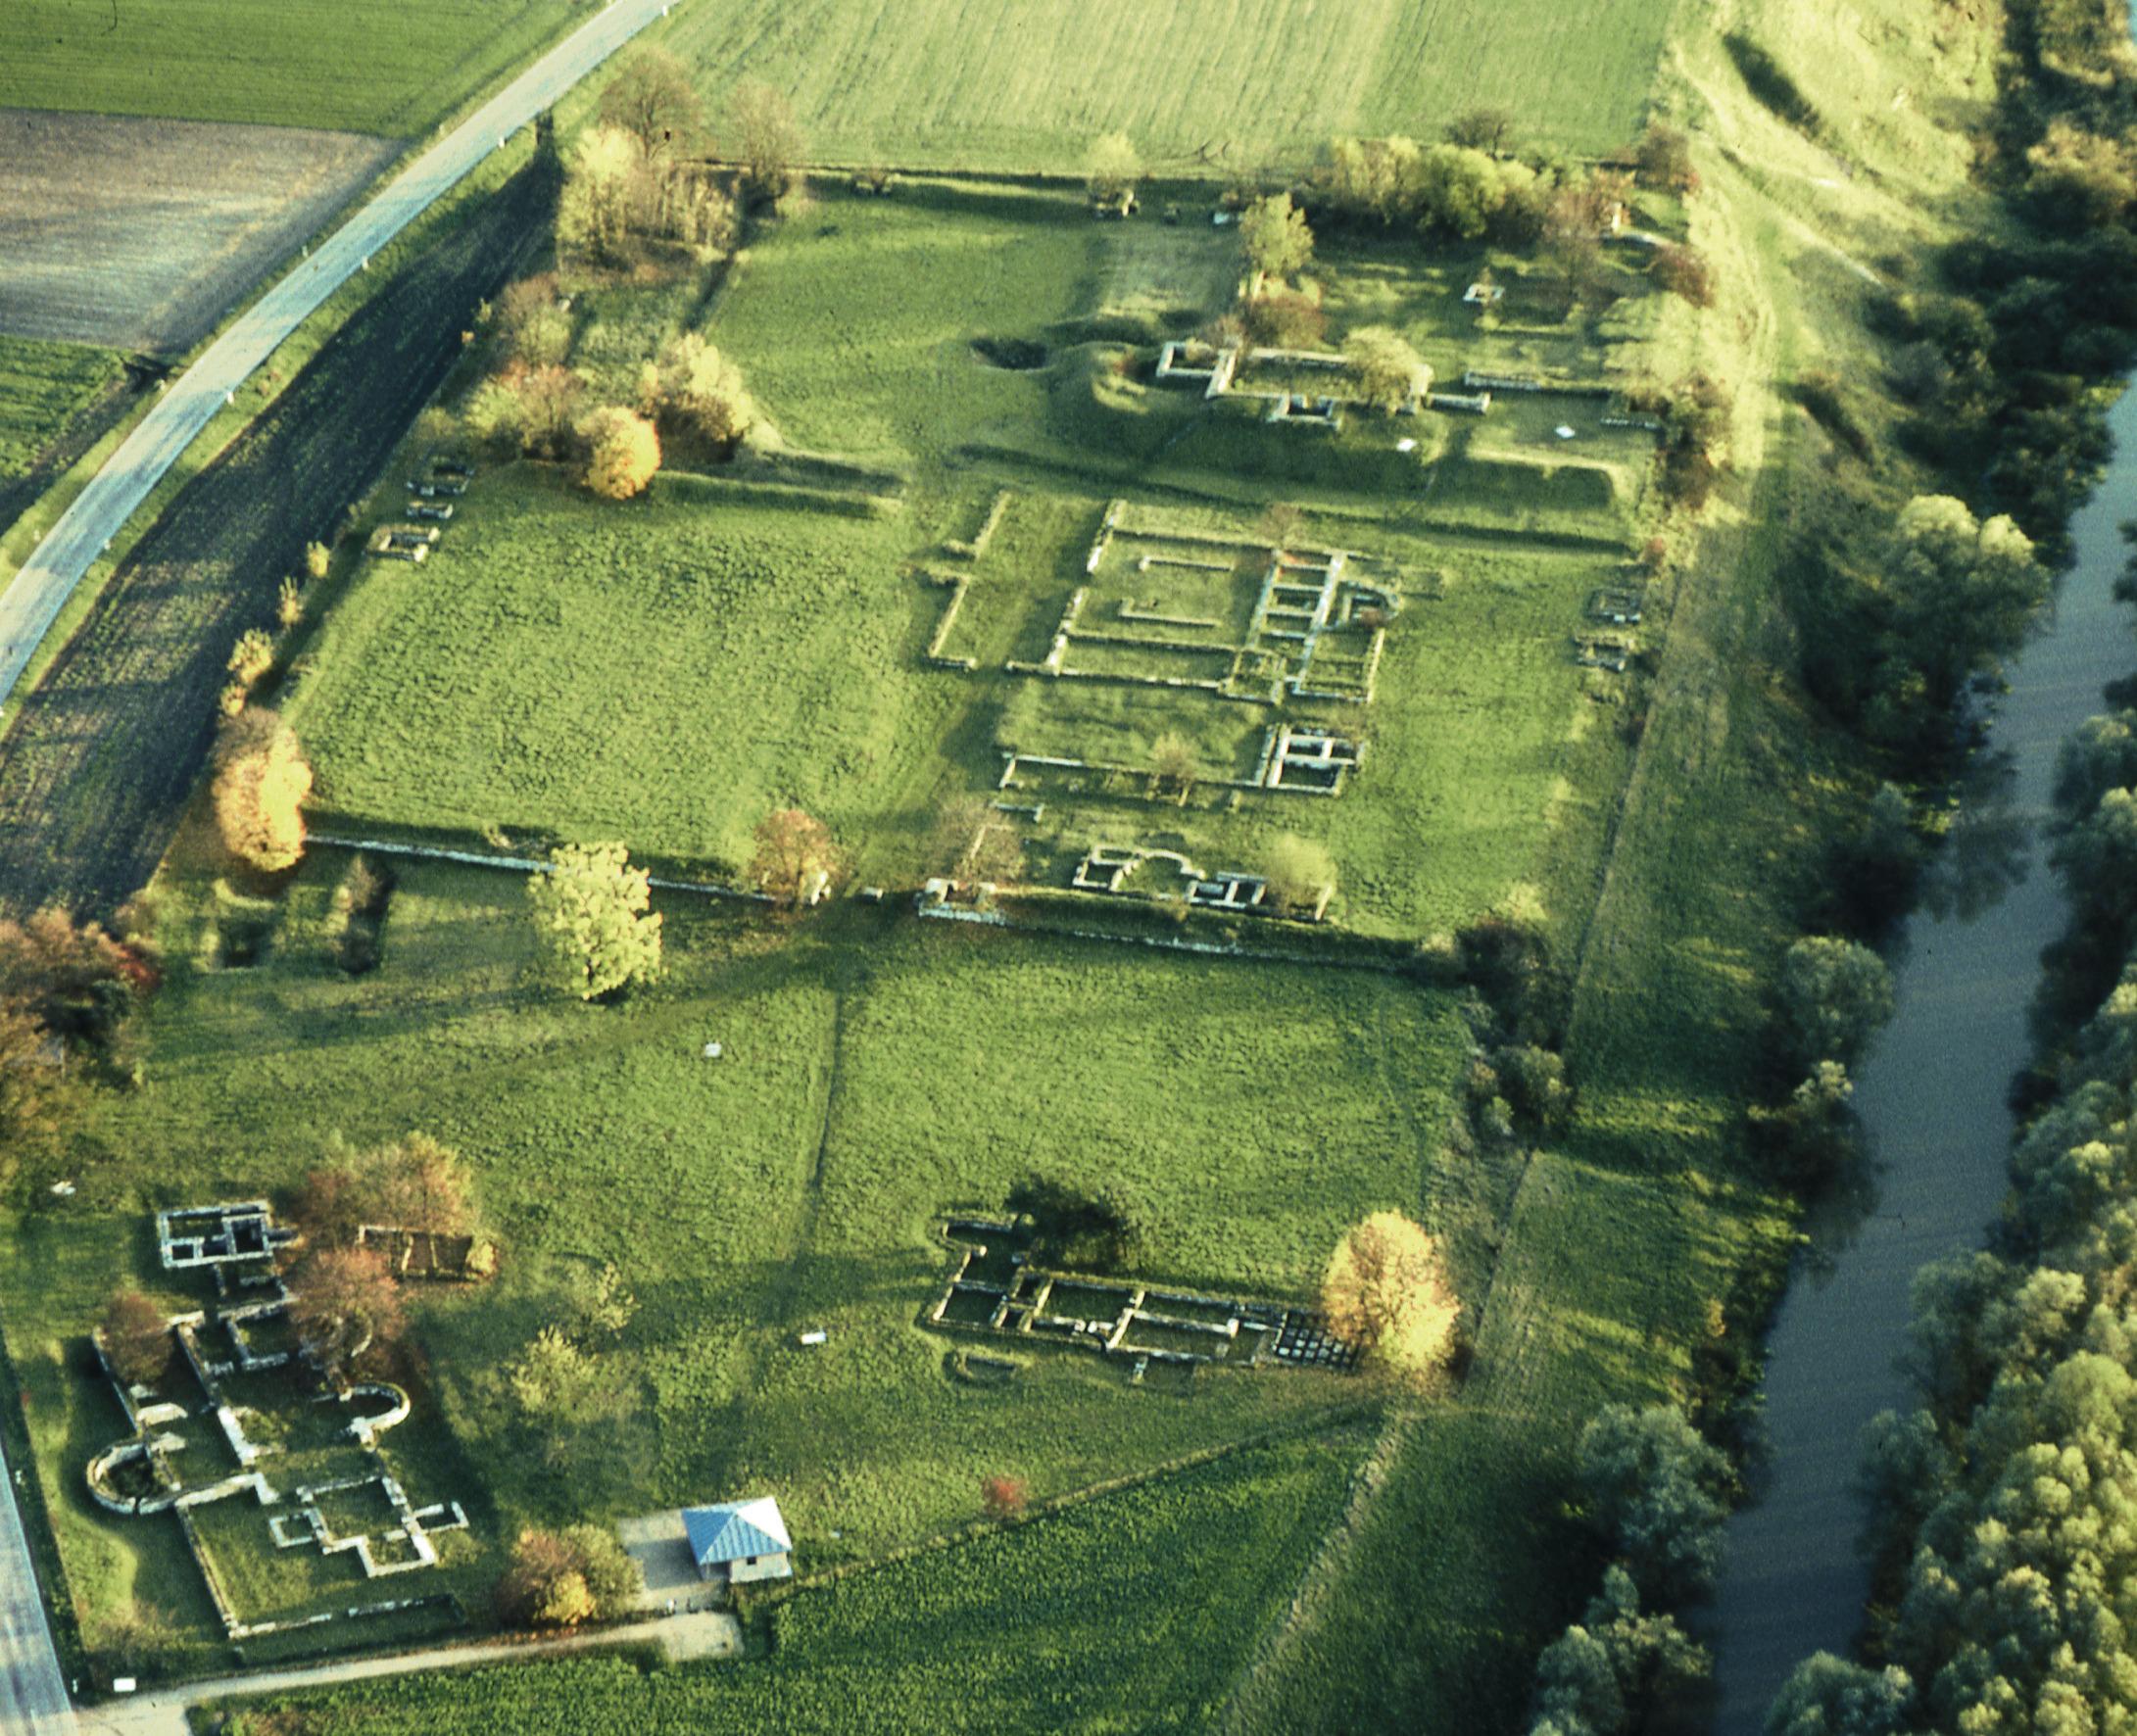 Das Römerkastell in Eining bei Neustadt a.d.Donau ist ein ehemaliges Kohortenkastell und Bestandteil des UNESCO-Weltkulturerbes Limes.